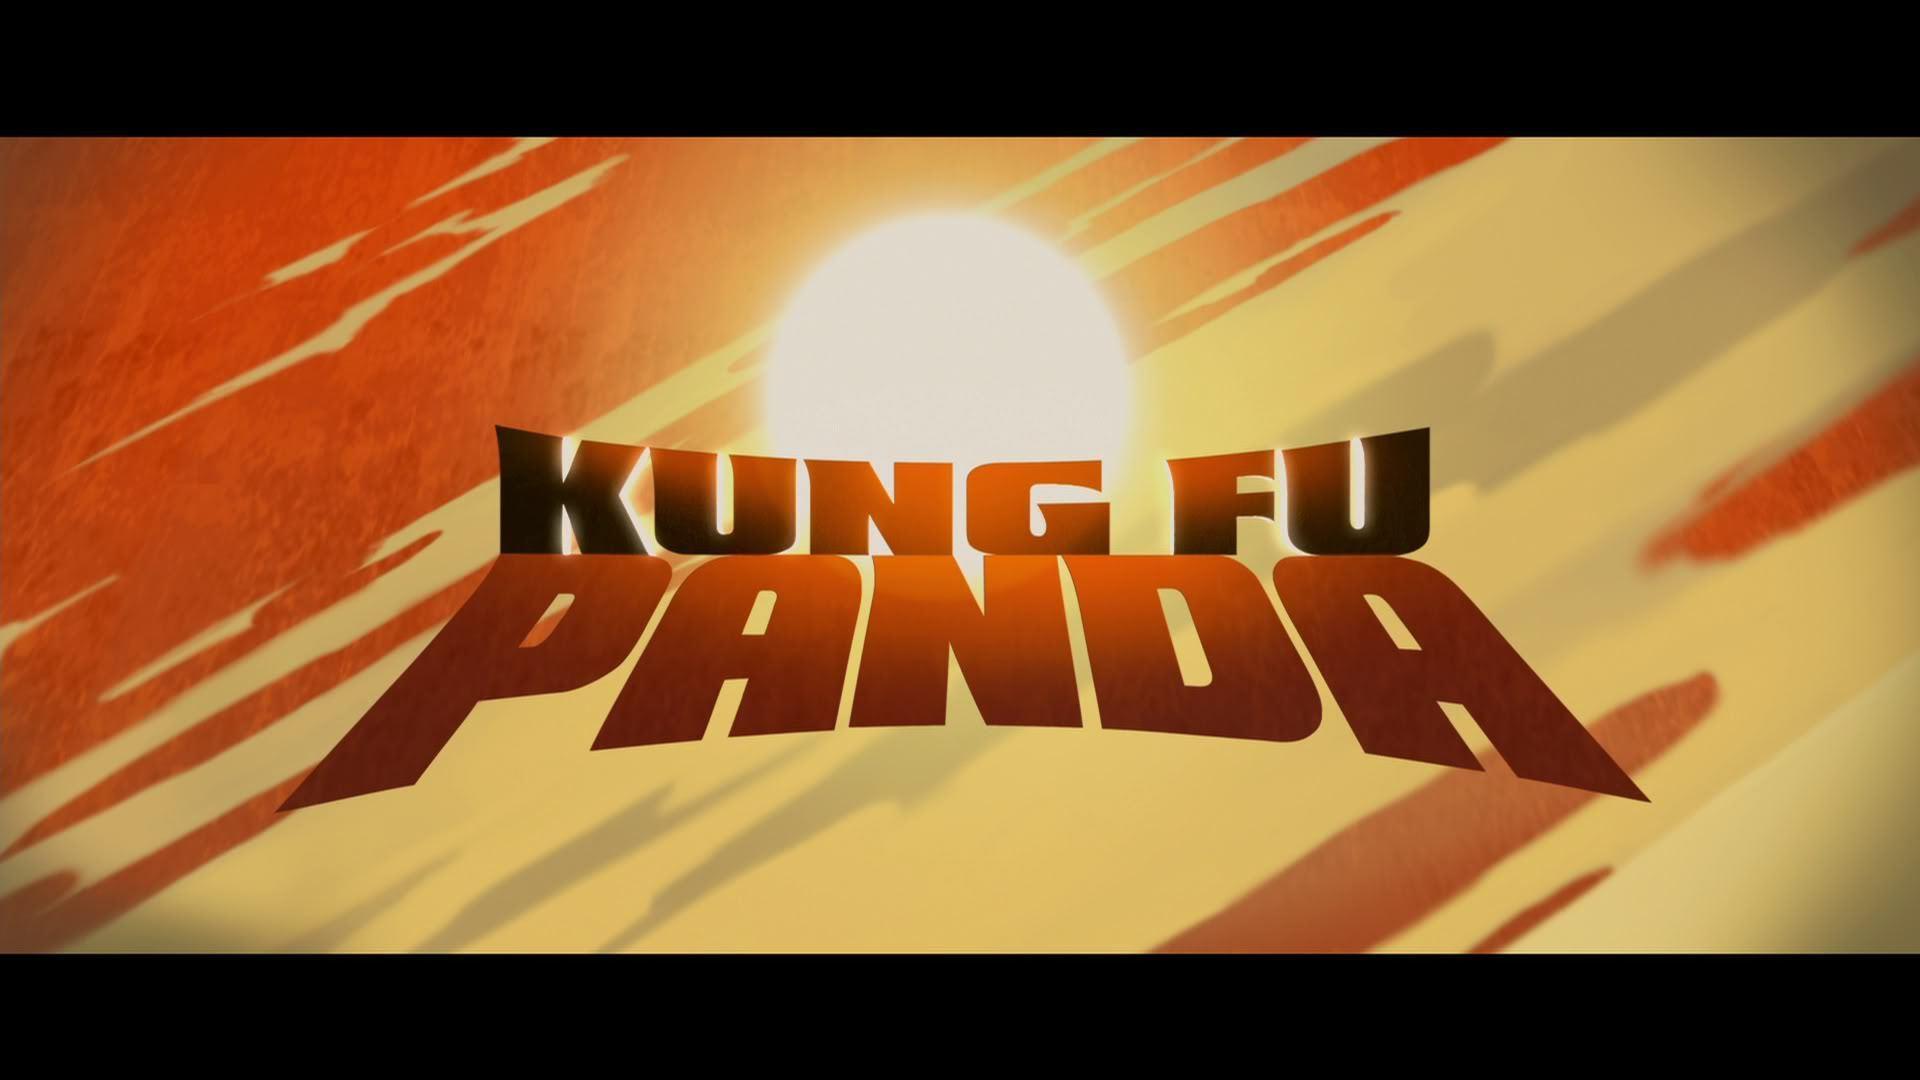 Kung Fu Panda Kung Fu Panda 2 Wallpaper 15560629 Fanpop